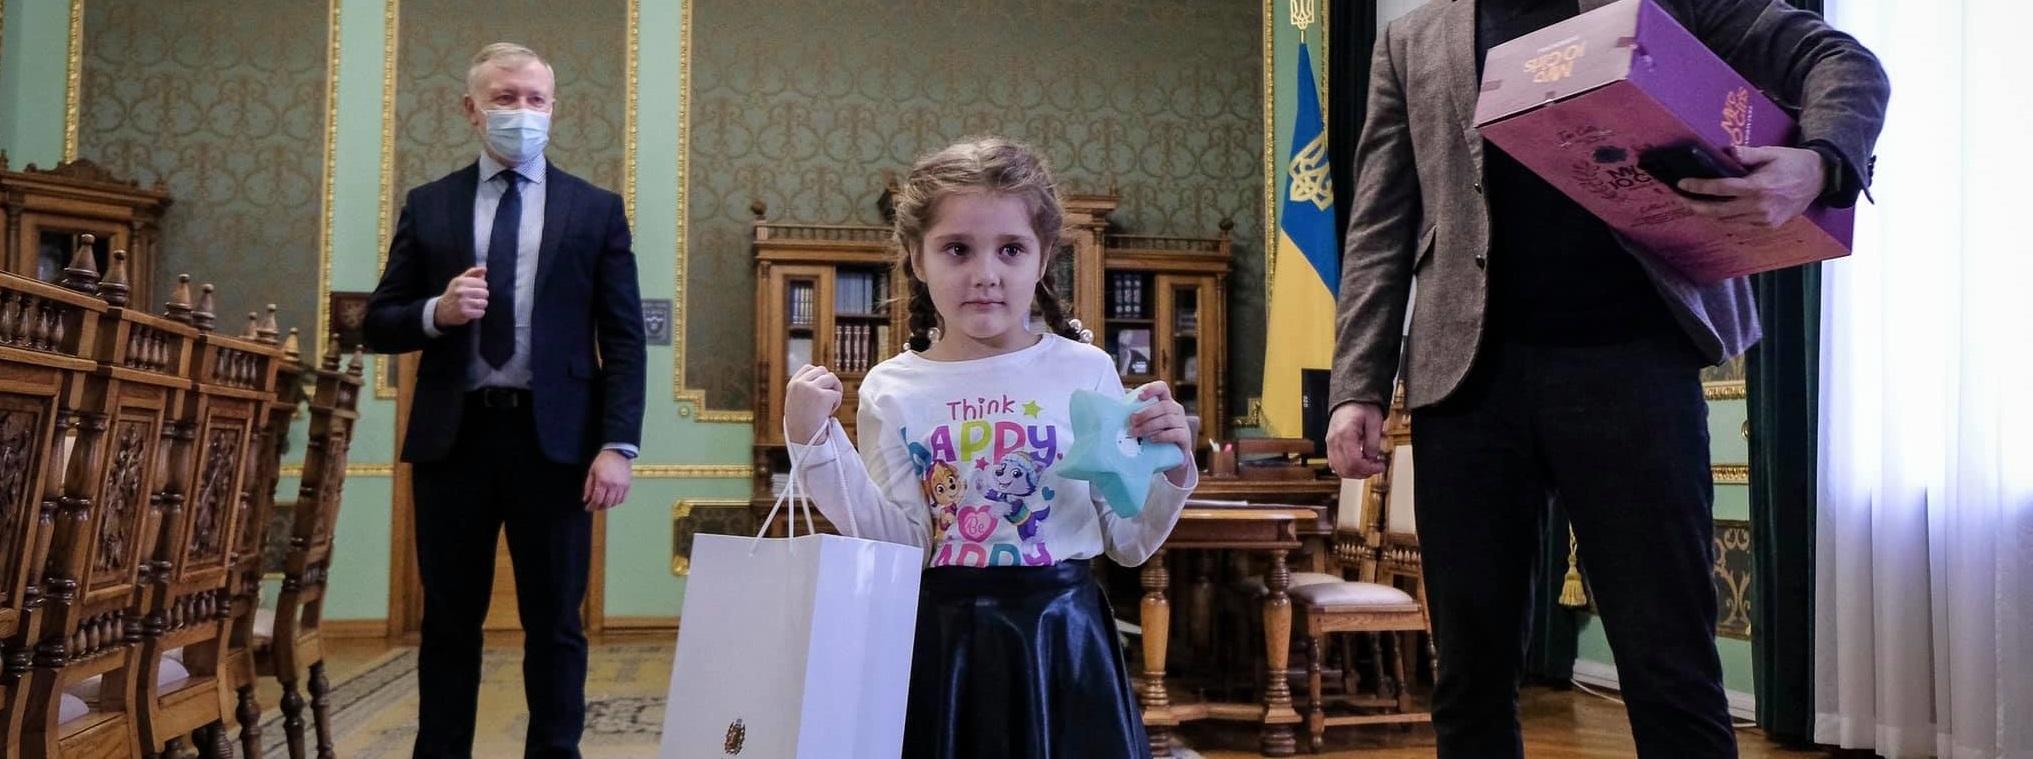 Дівчинка, яку залишили без подарунка у одному із дитсадочків Чернівців, отримала подарунок від Зеленського